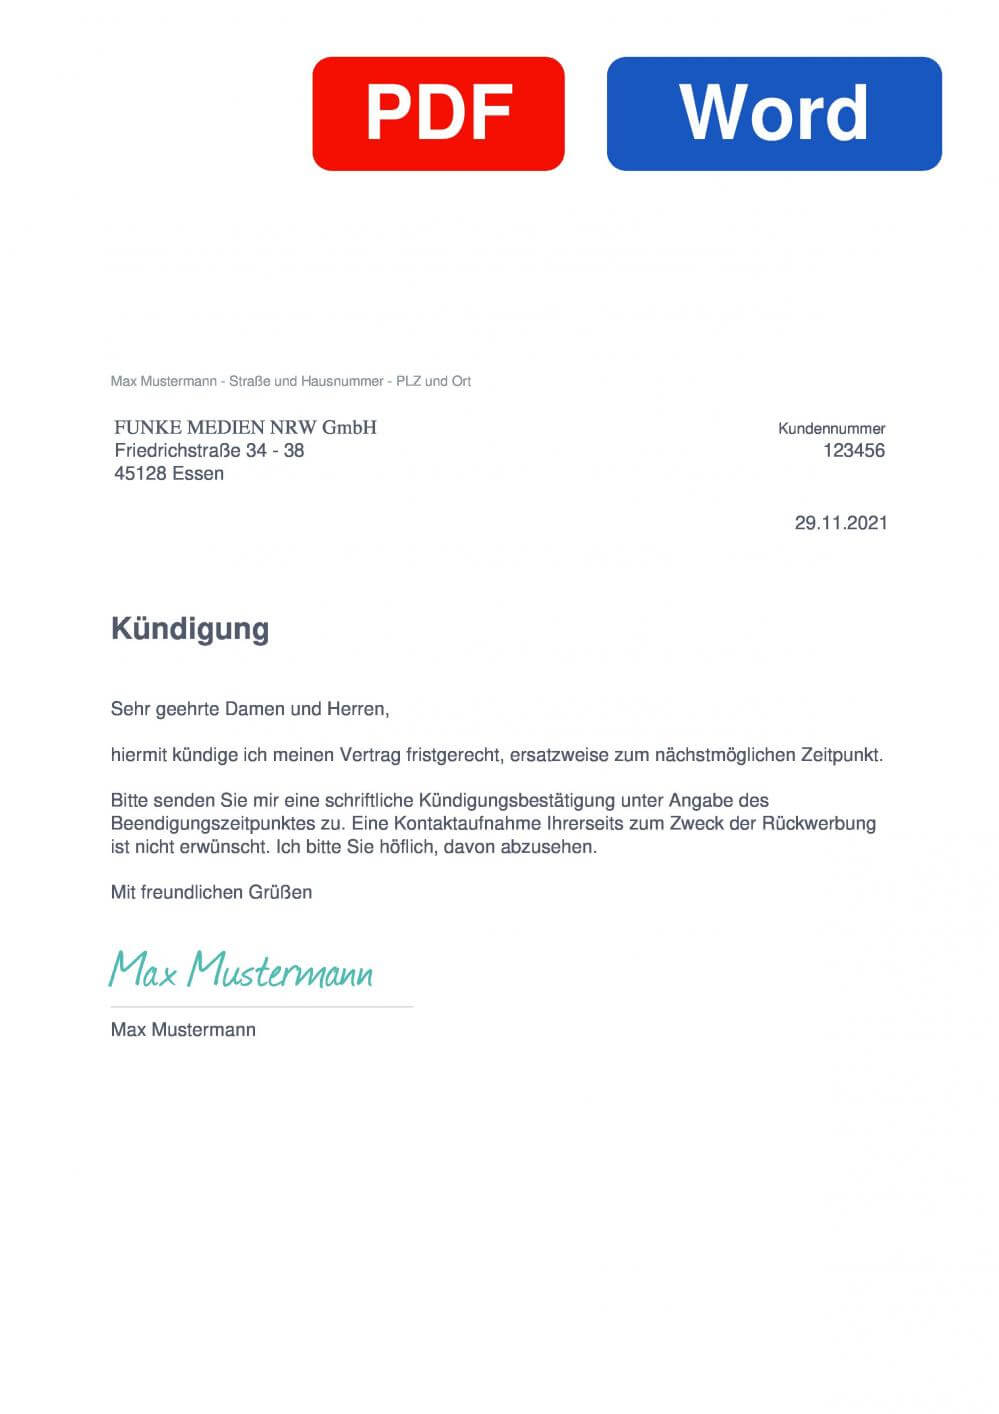 Westfälische Rundschau Muster Vorlage für Kündigungsschreiben